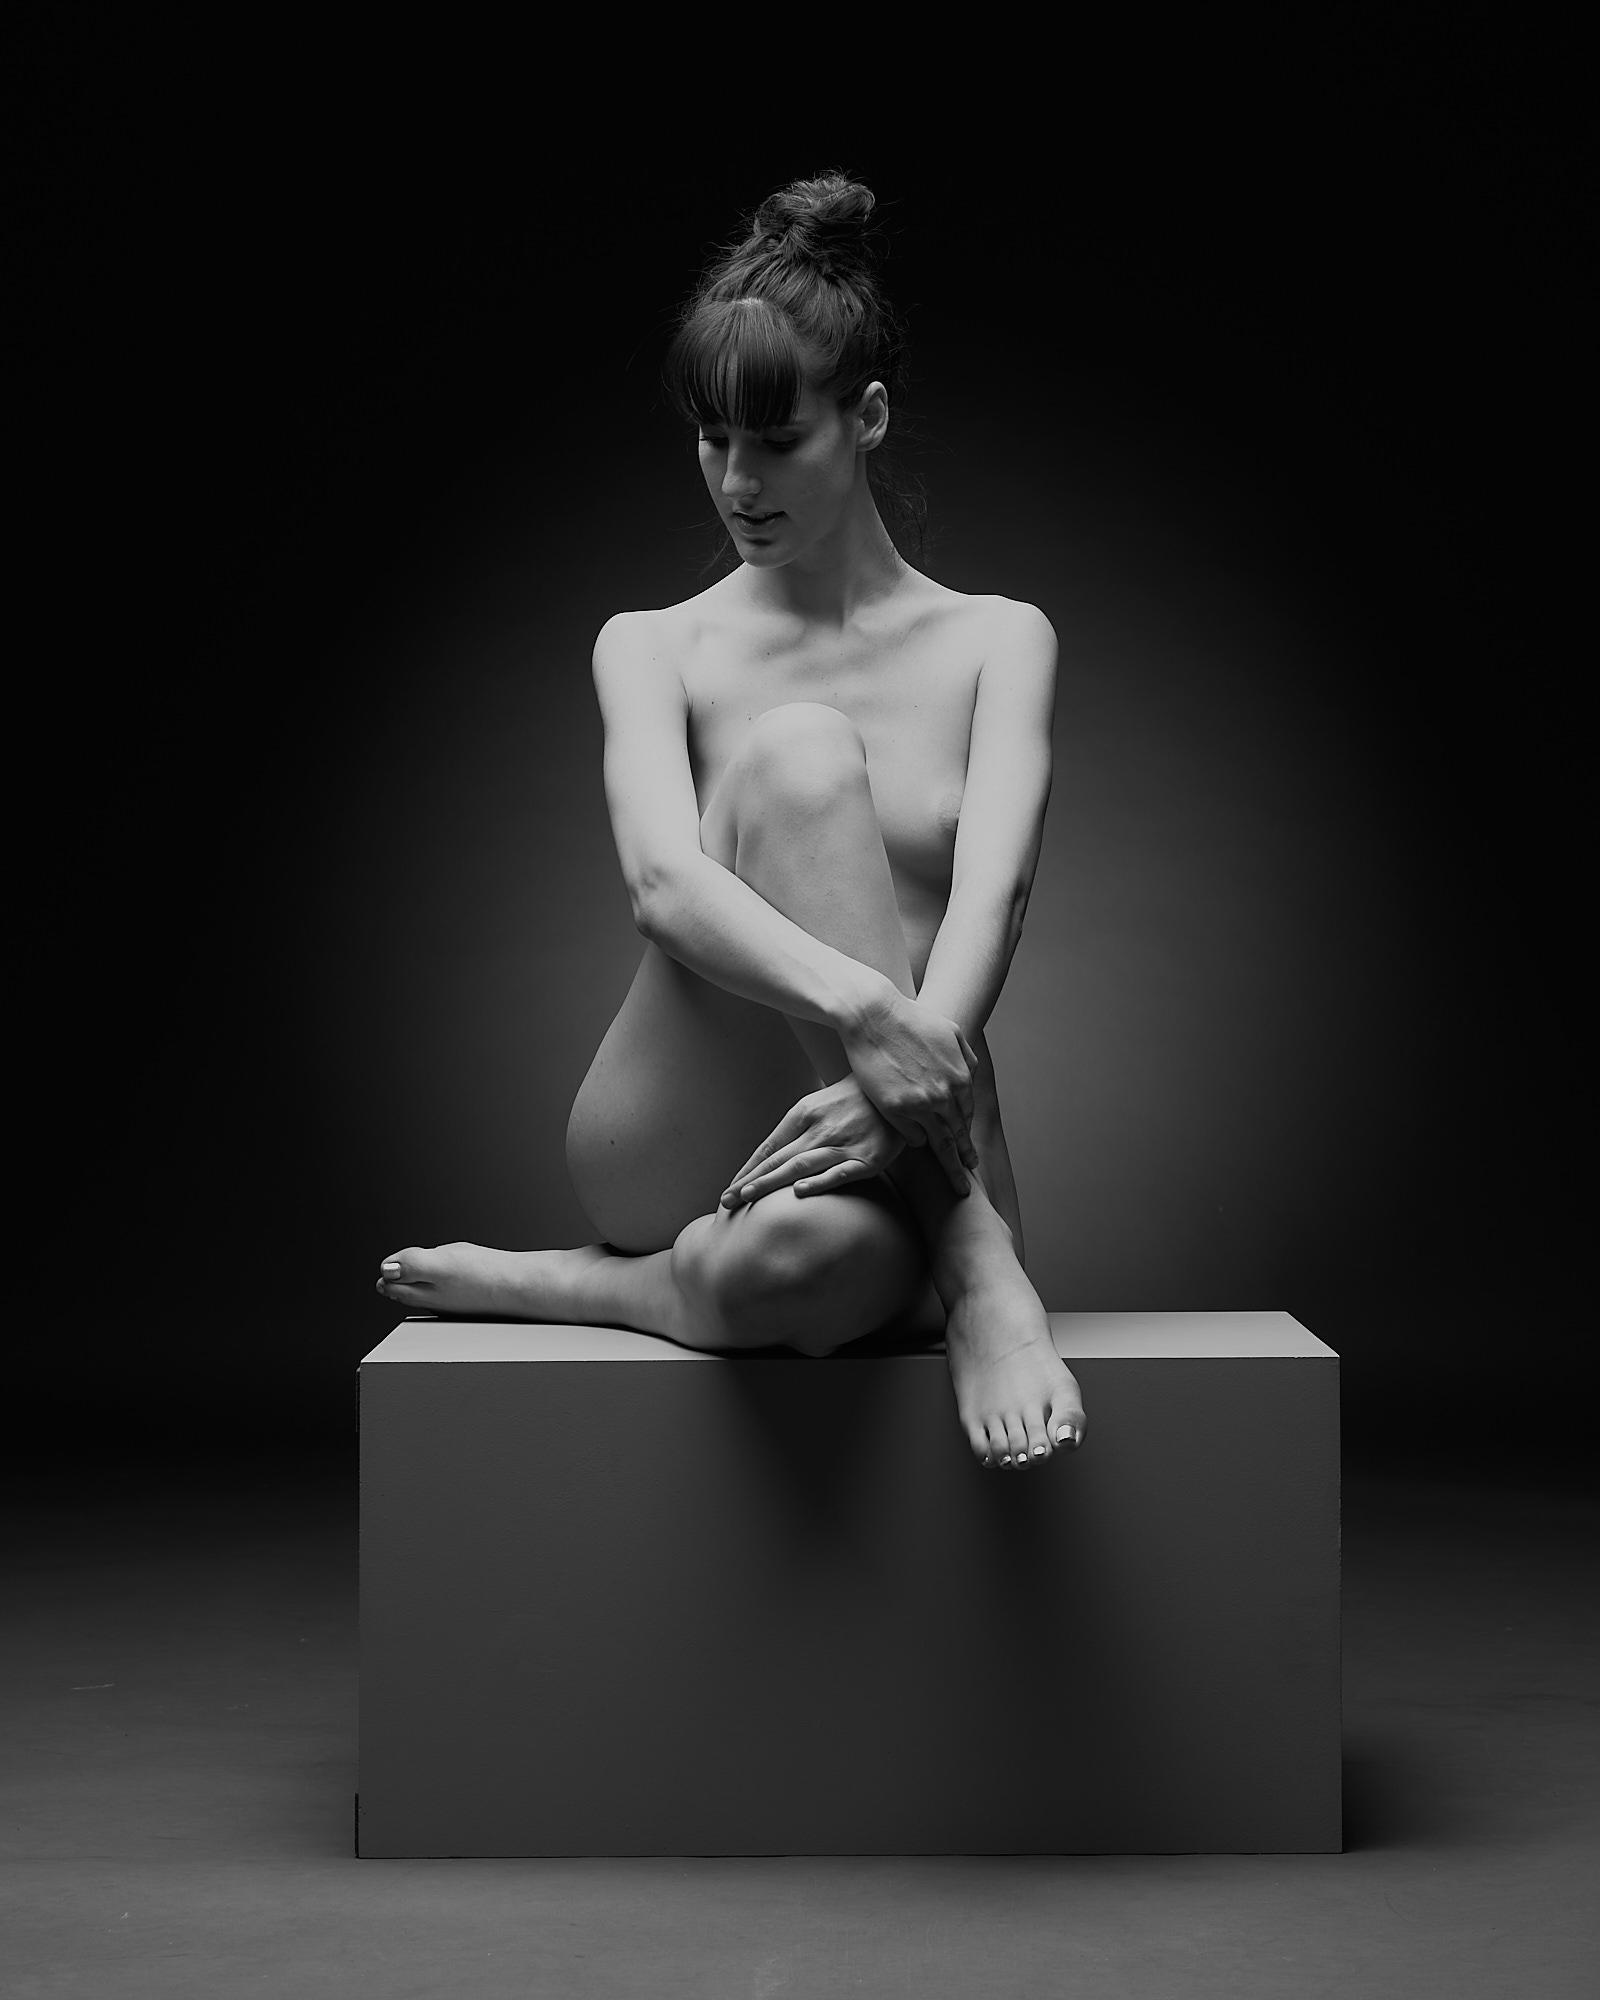 Une femme nue assise de face